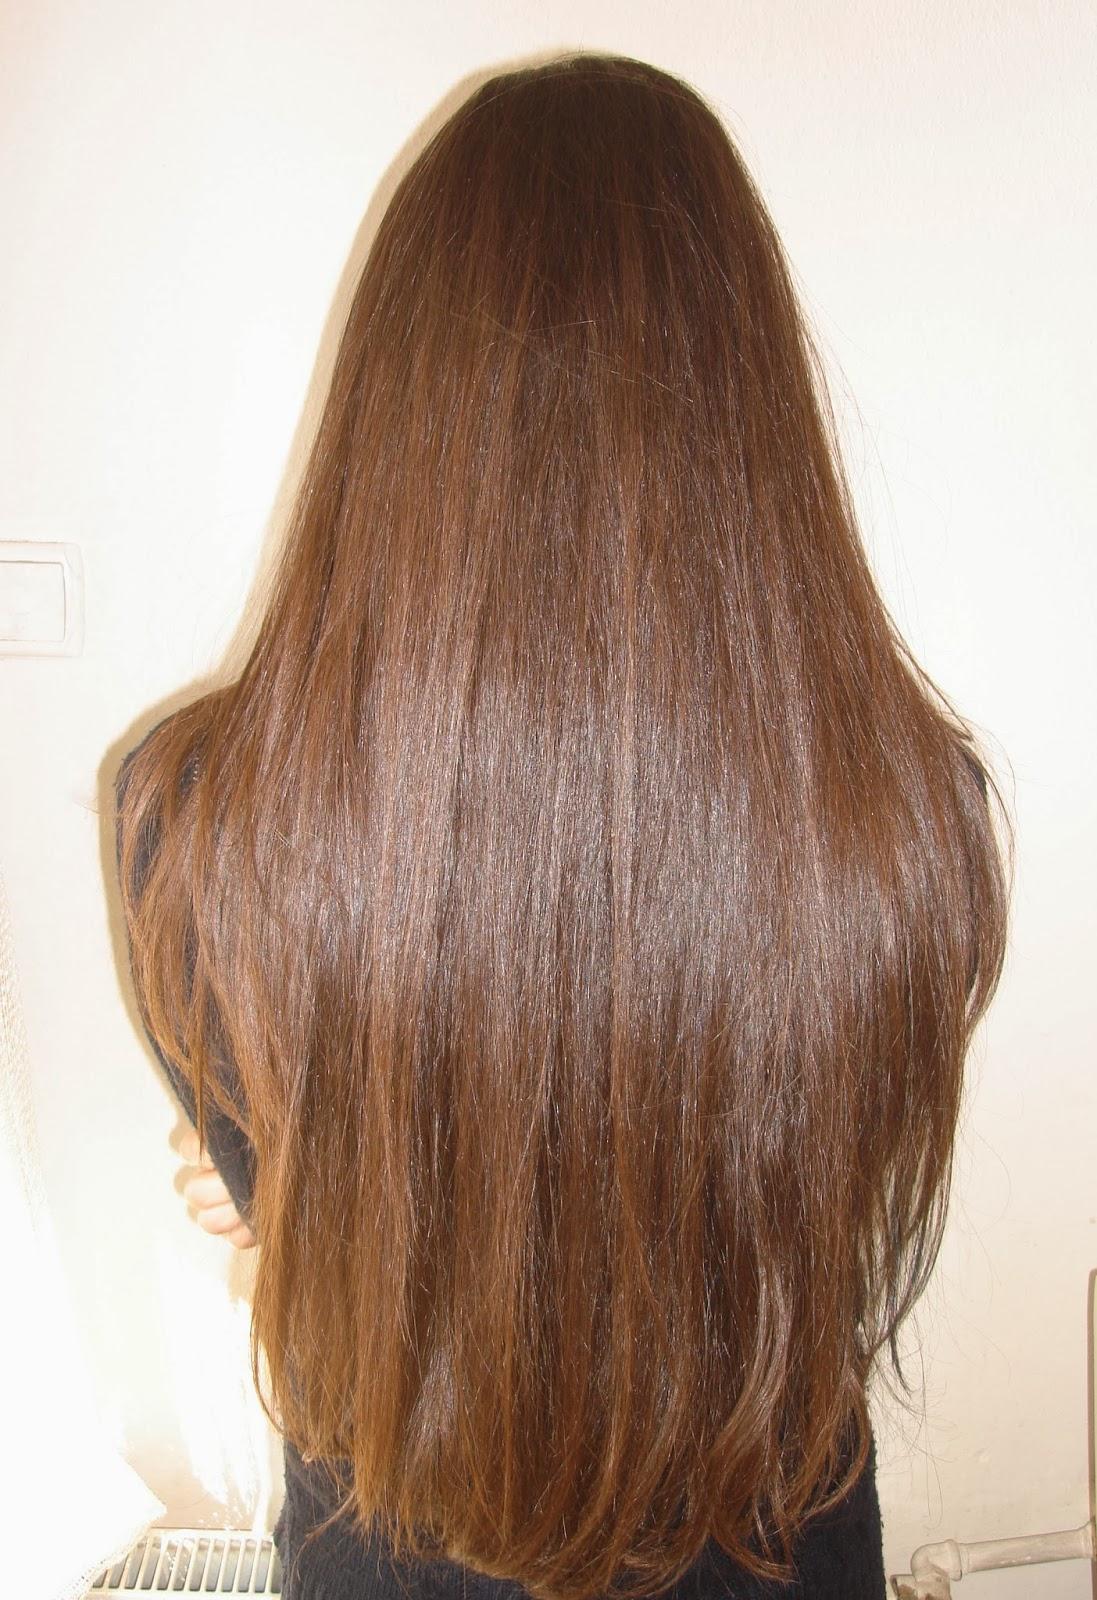 Yumuşak Saçlar İçin Ne Yapılabilir